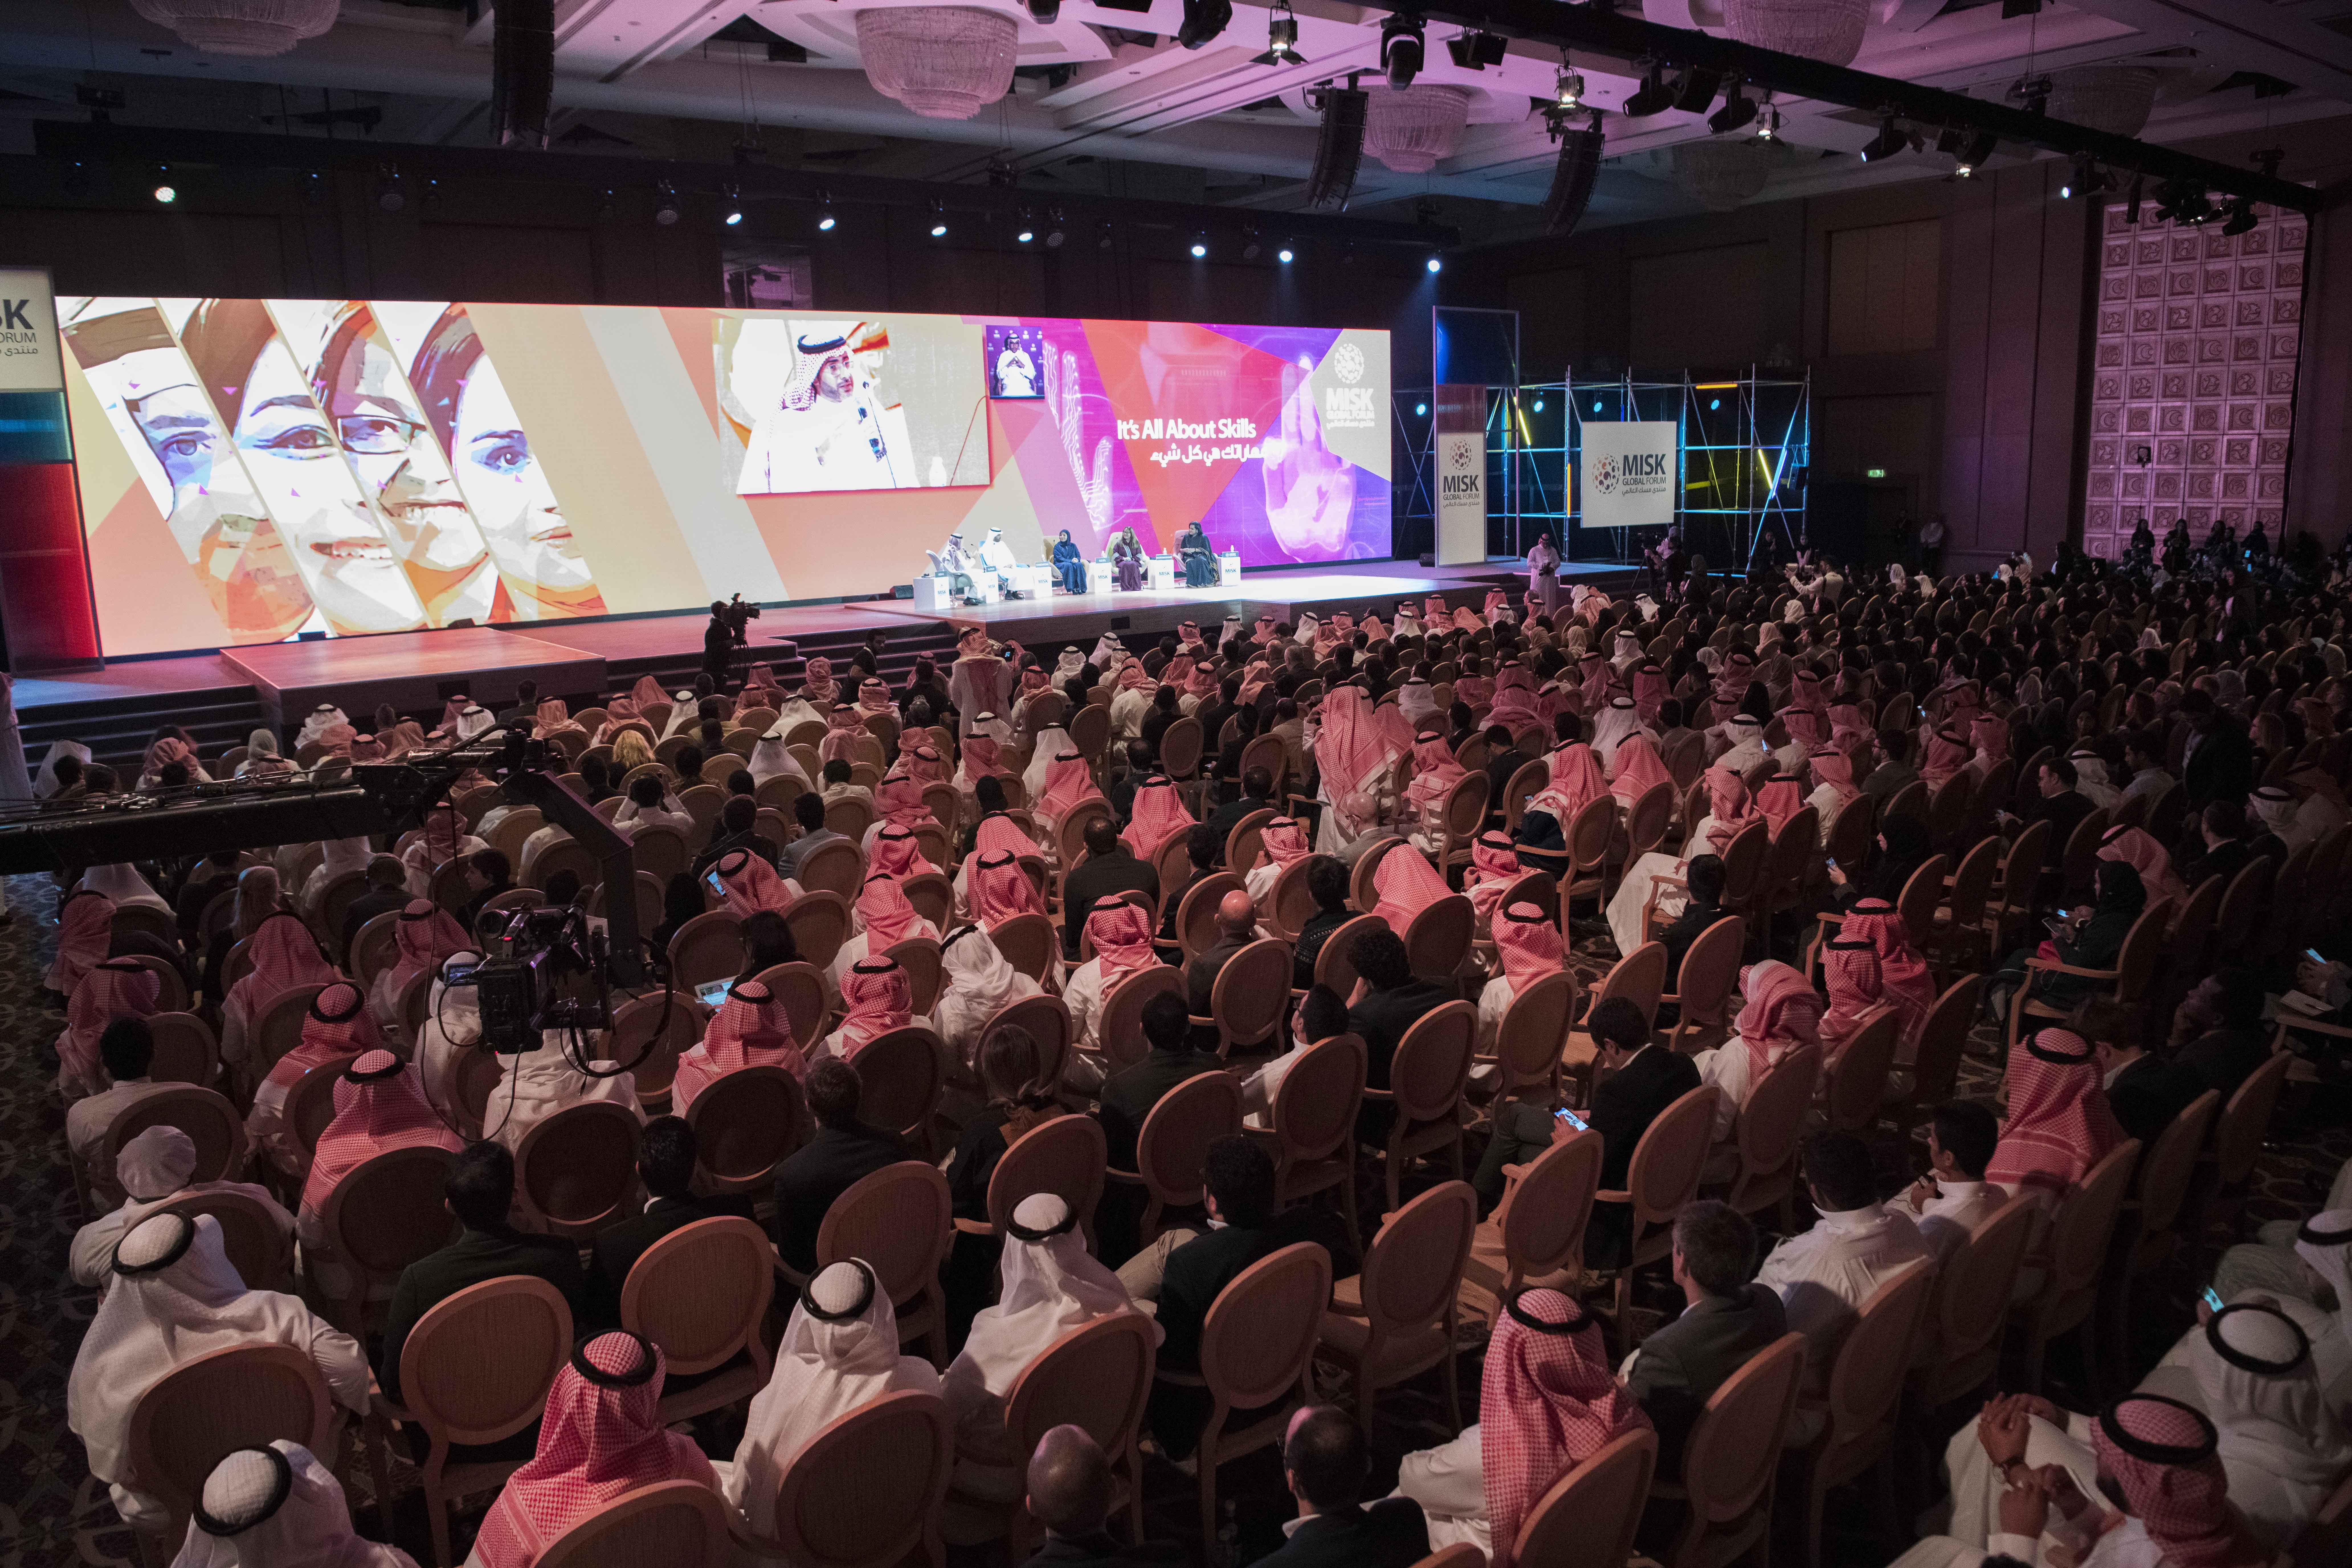 """5 آلاف شاب من 120 دولة ينضمون لـ""""منتدى مسك العالمي"""" لصياغة اقتصاد المستقبل"""